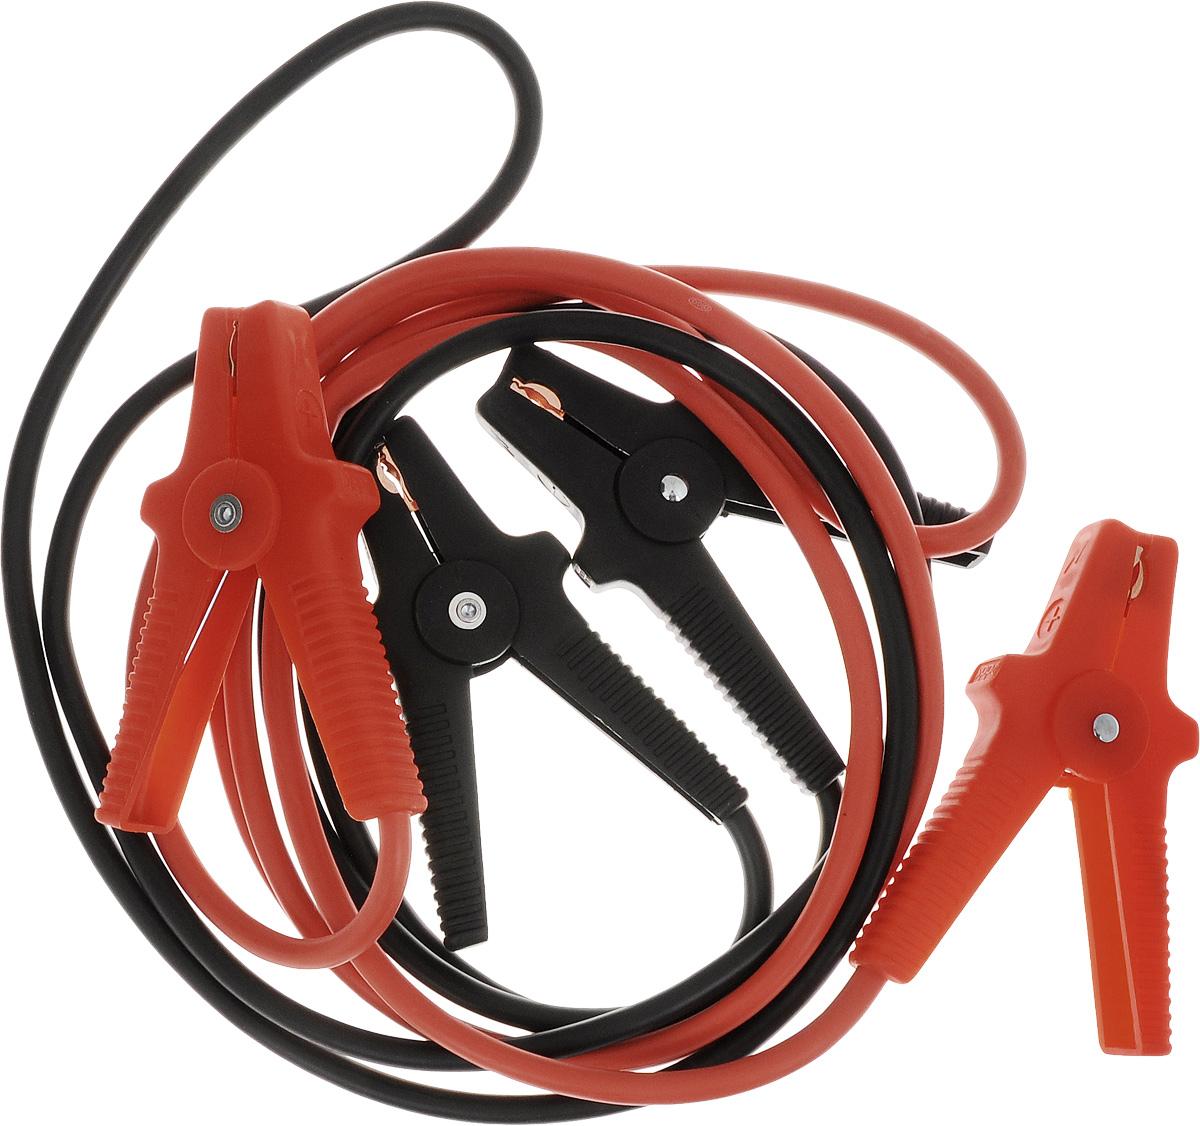 Старт-кабель Alca, CCA 400 А, длина 3 м404410Старт-кабель Alca выполнены из алюминия с медным покрытием. Зажимы полностью изолированы. Руководство по эксплуатации: Присоединение. Кабель с красными зажимами присоединить к плюсовой клемме разряженного аккумулятора, затем присоединить к плюсовой клемме аккумулятора, от которого производится пуск. Кабель с черными зажимами подключить к минусовой клемме аккумулятора, от которой производится пуск и к массе автомобиля с разряженной батареей, например к кабелю массы либо к не изолированной точке моторного блока, причем на максимальном удалении от аккумулятора, которым производится пуск для избежания возможного возгорания образующегося разрядного газа. Пуск. После присоединения проводов стартер-кабеля запустить двигатель автомобиля, от которого производится пуск, и установить средние обороты. Запустить двигатель автомобиля с разряженным аккумулятором. После каждой попытки запуска двигателя, длительность которого не...